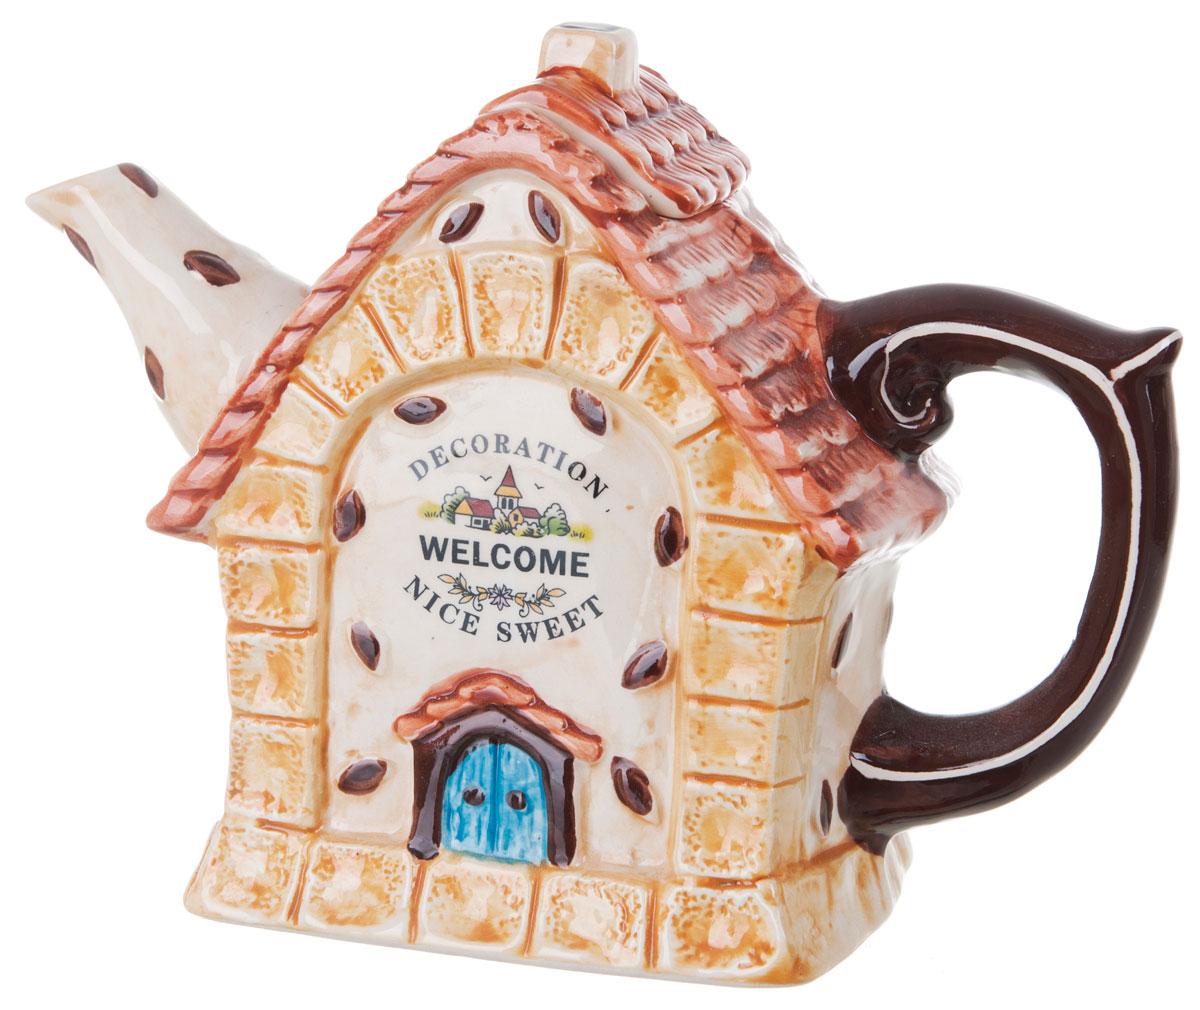 Чайник заварочный ENS Group Дом, милый дом, 900 мл. 07900360790036Этот великолепный чайник станет настоящим украшением любого стола. Послужит отличный подарком! Объем чайника 900 мл, упакован в подарочную упаковку.